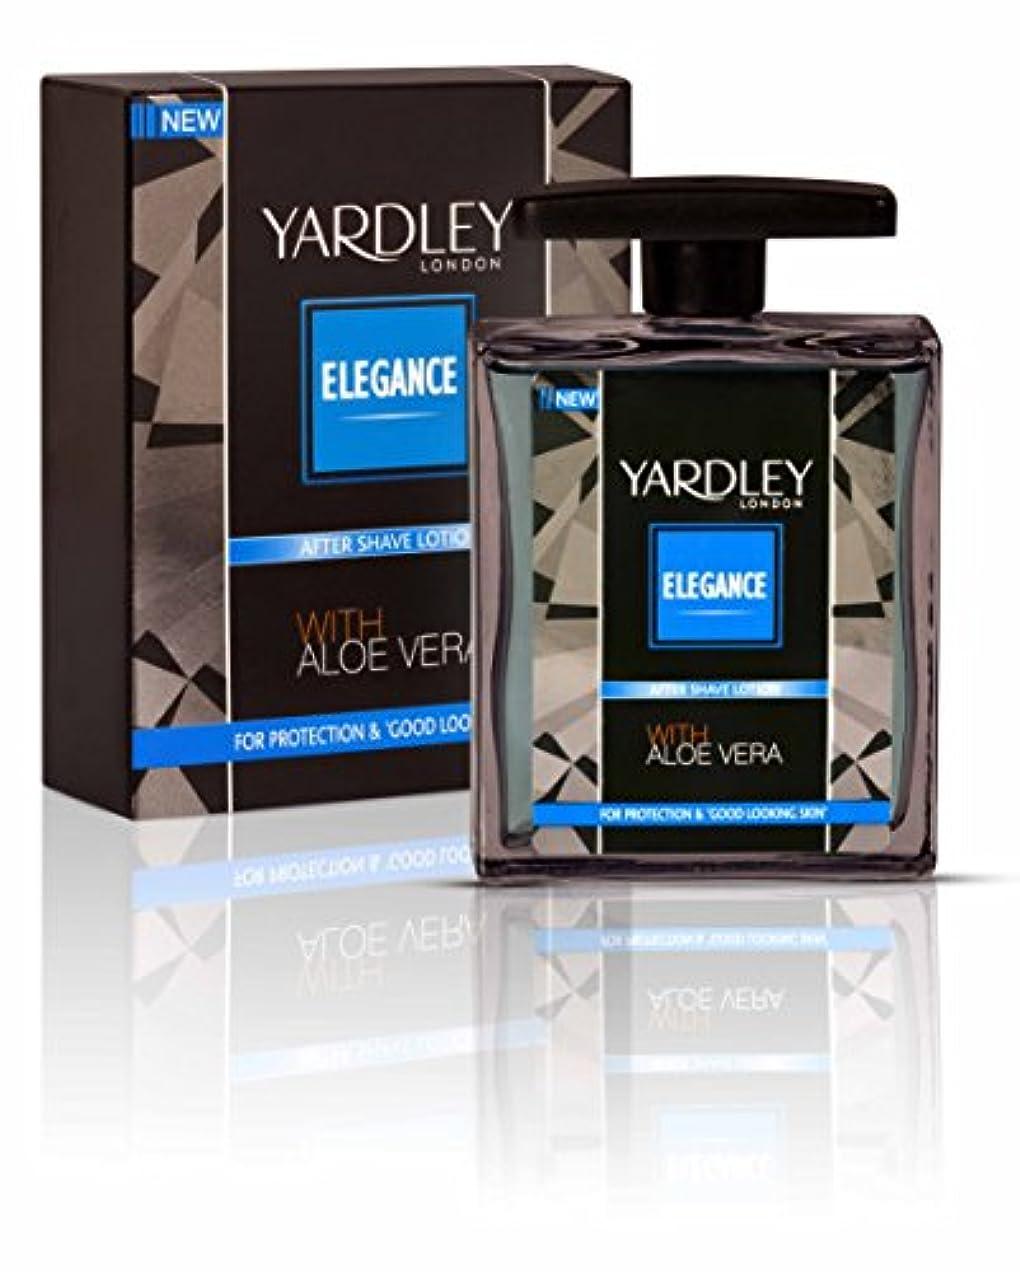 権限不安定バンYardley London Elegance After Shave Lotion With Aloe Vera 50ml